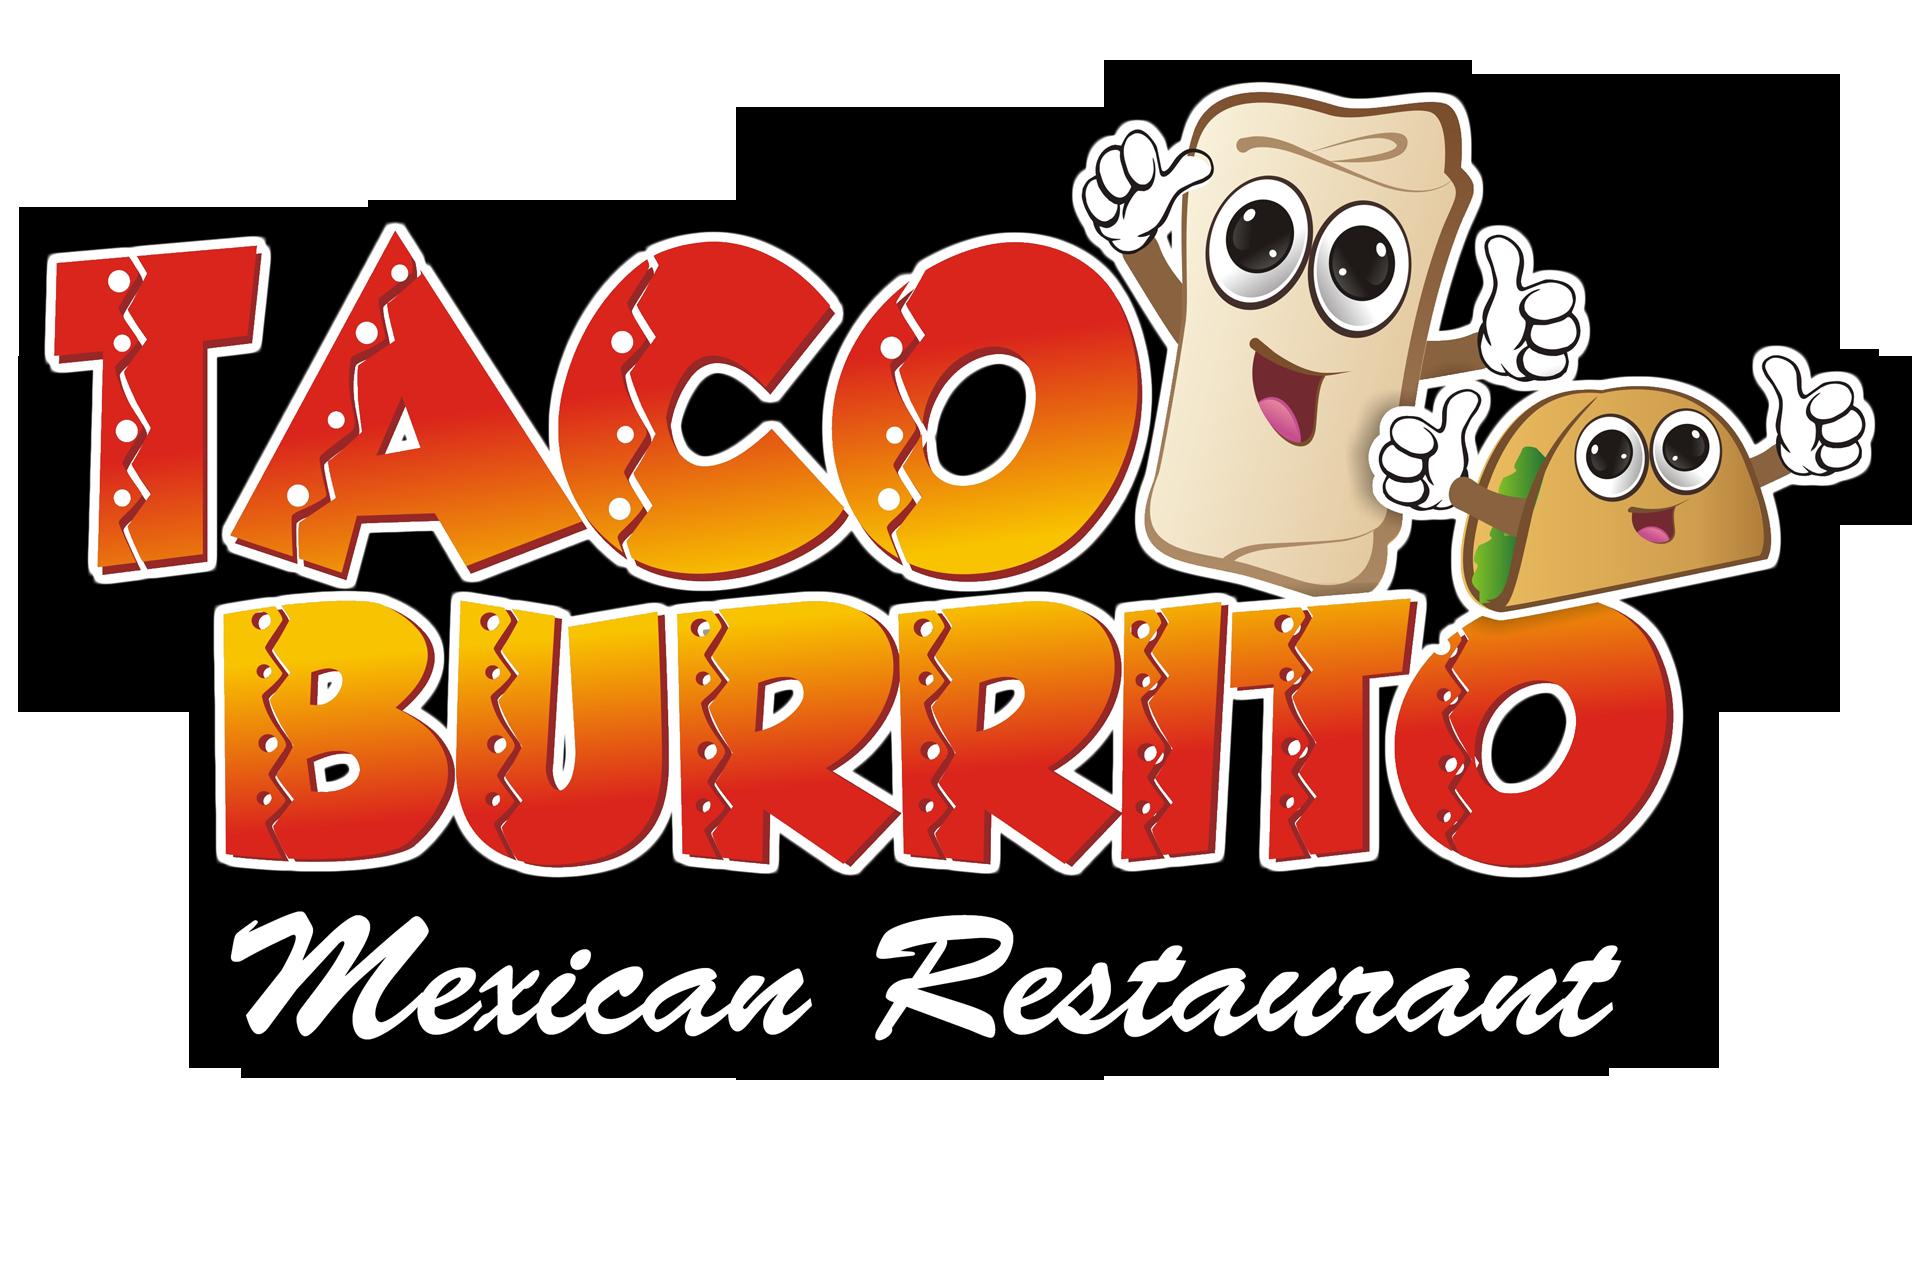 Mexican restaurant . Burrito clipart taco burrito